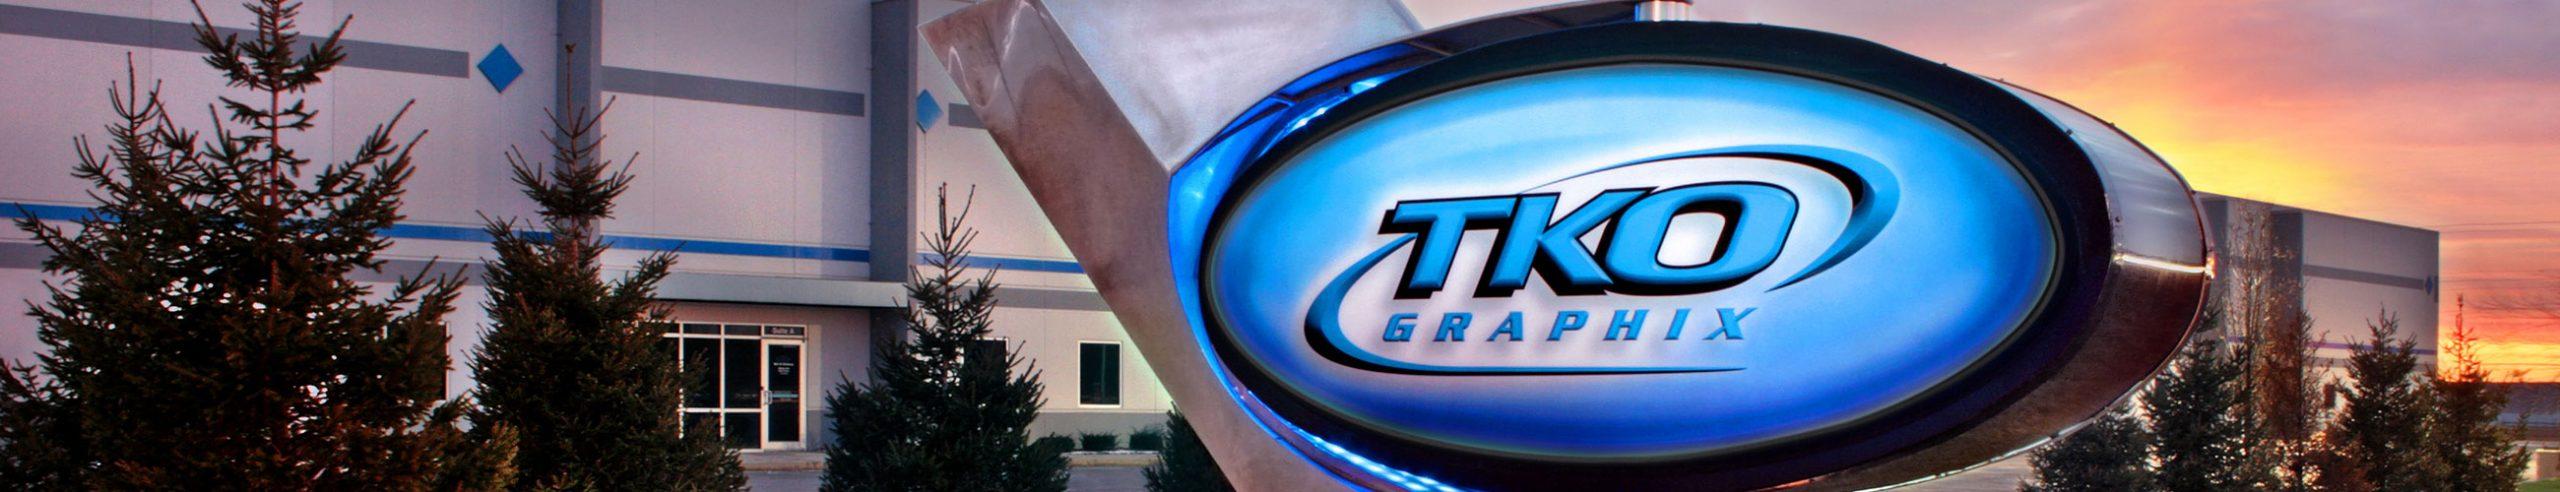 TKO Graphix exterior sign